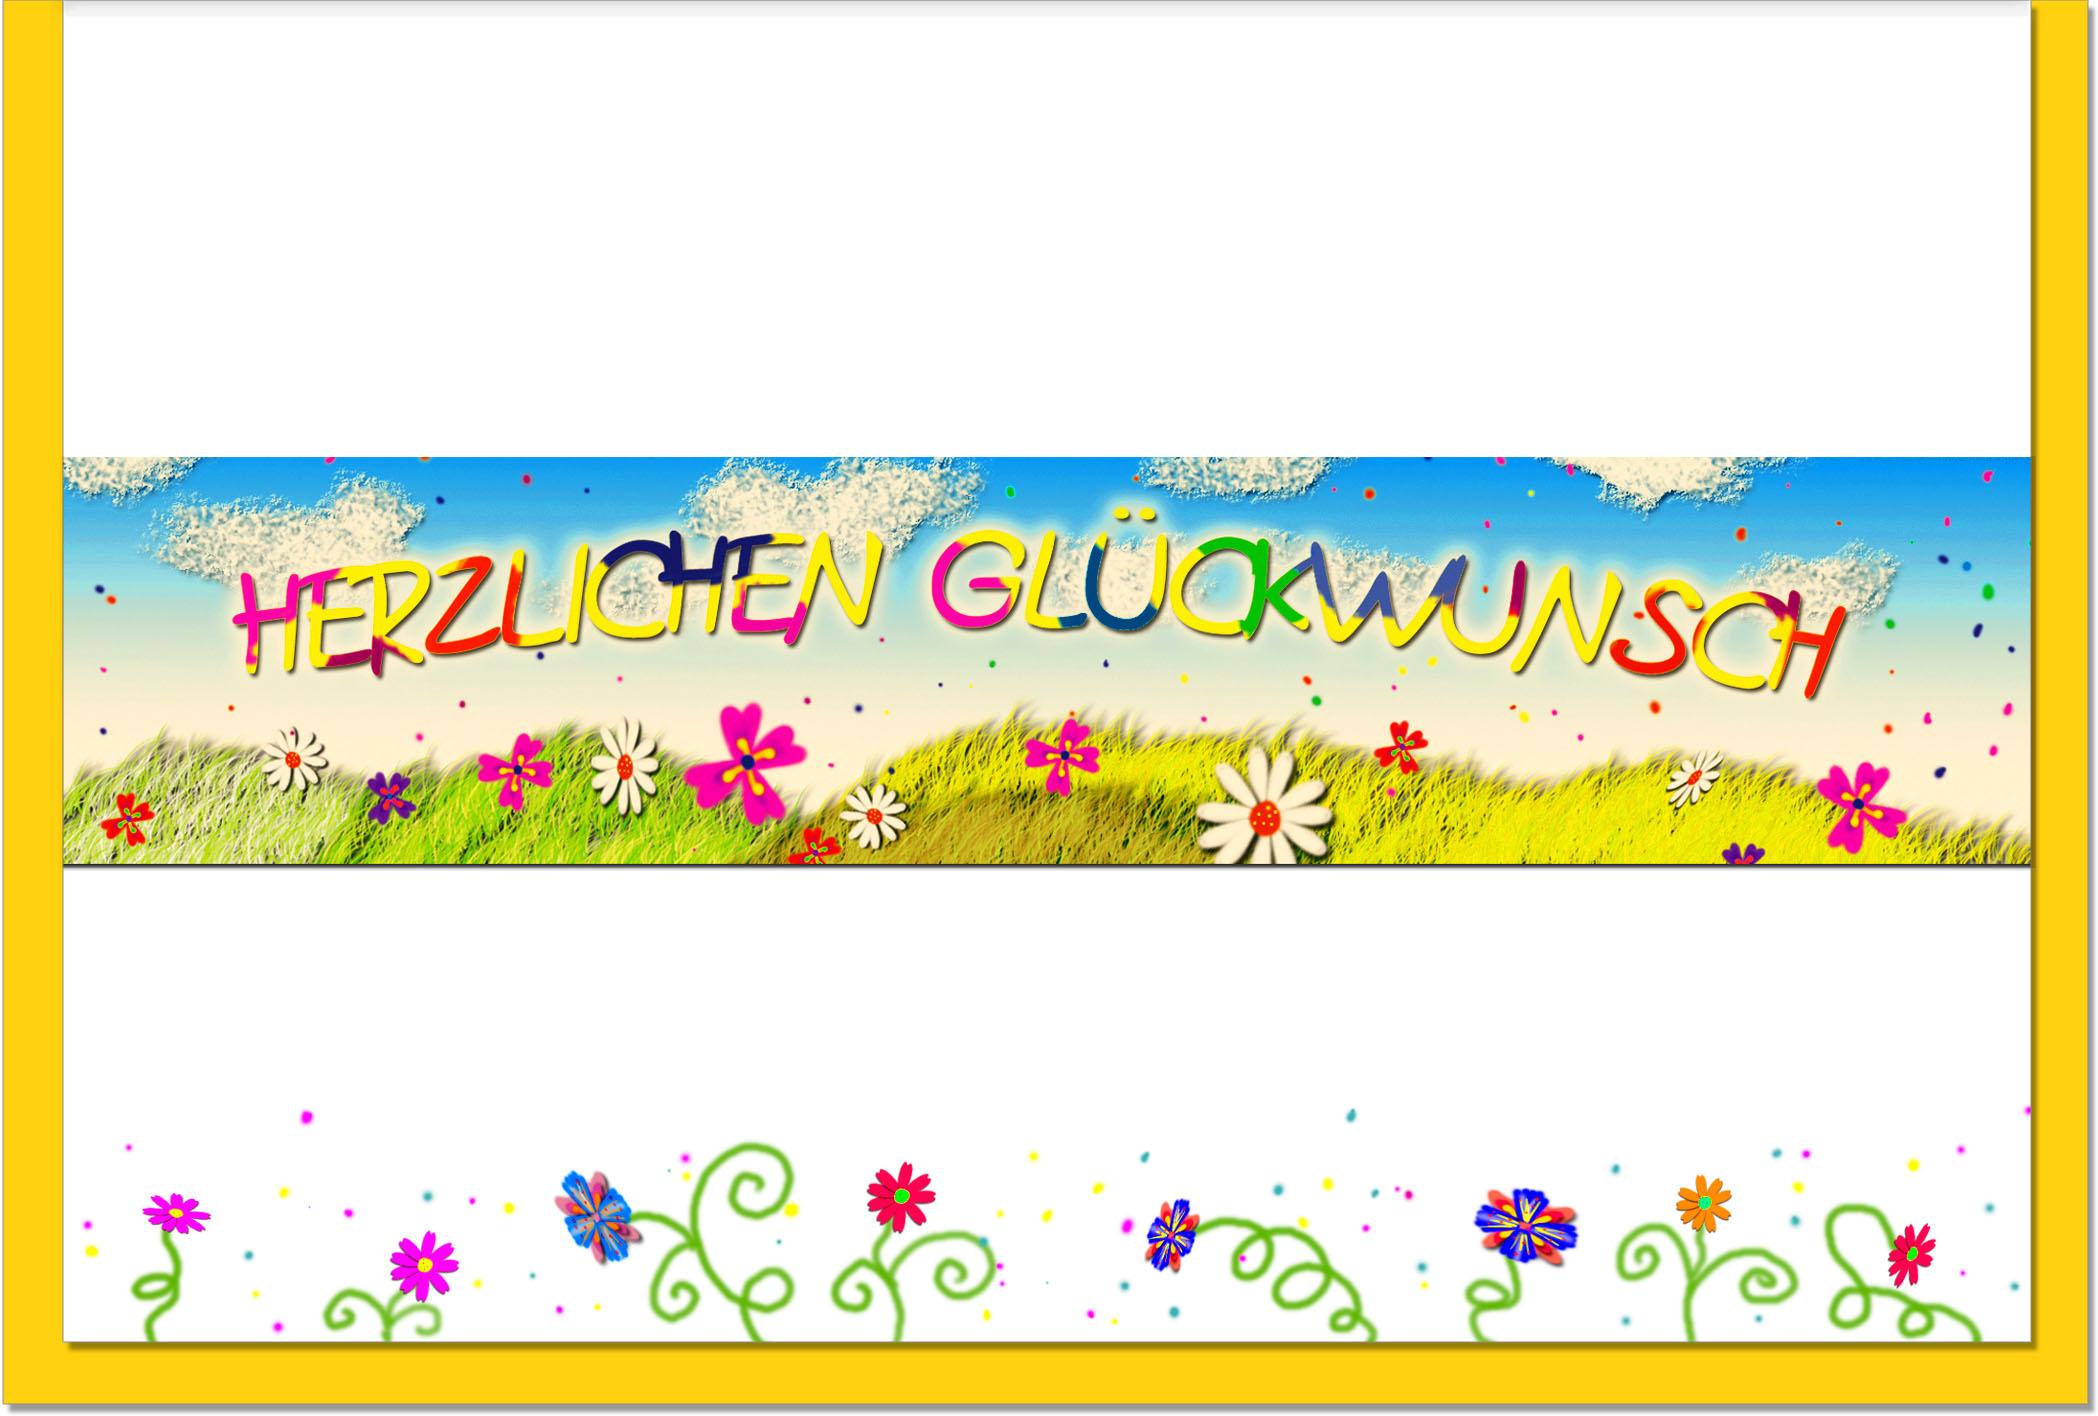 Glückwunschkarten / Grußkarten /Glückwunsch Blumenwiese